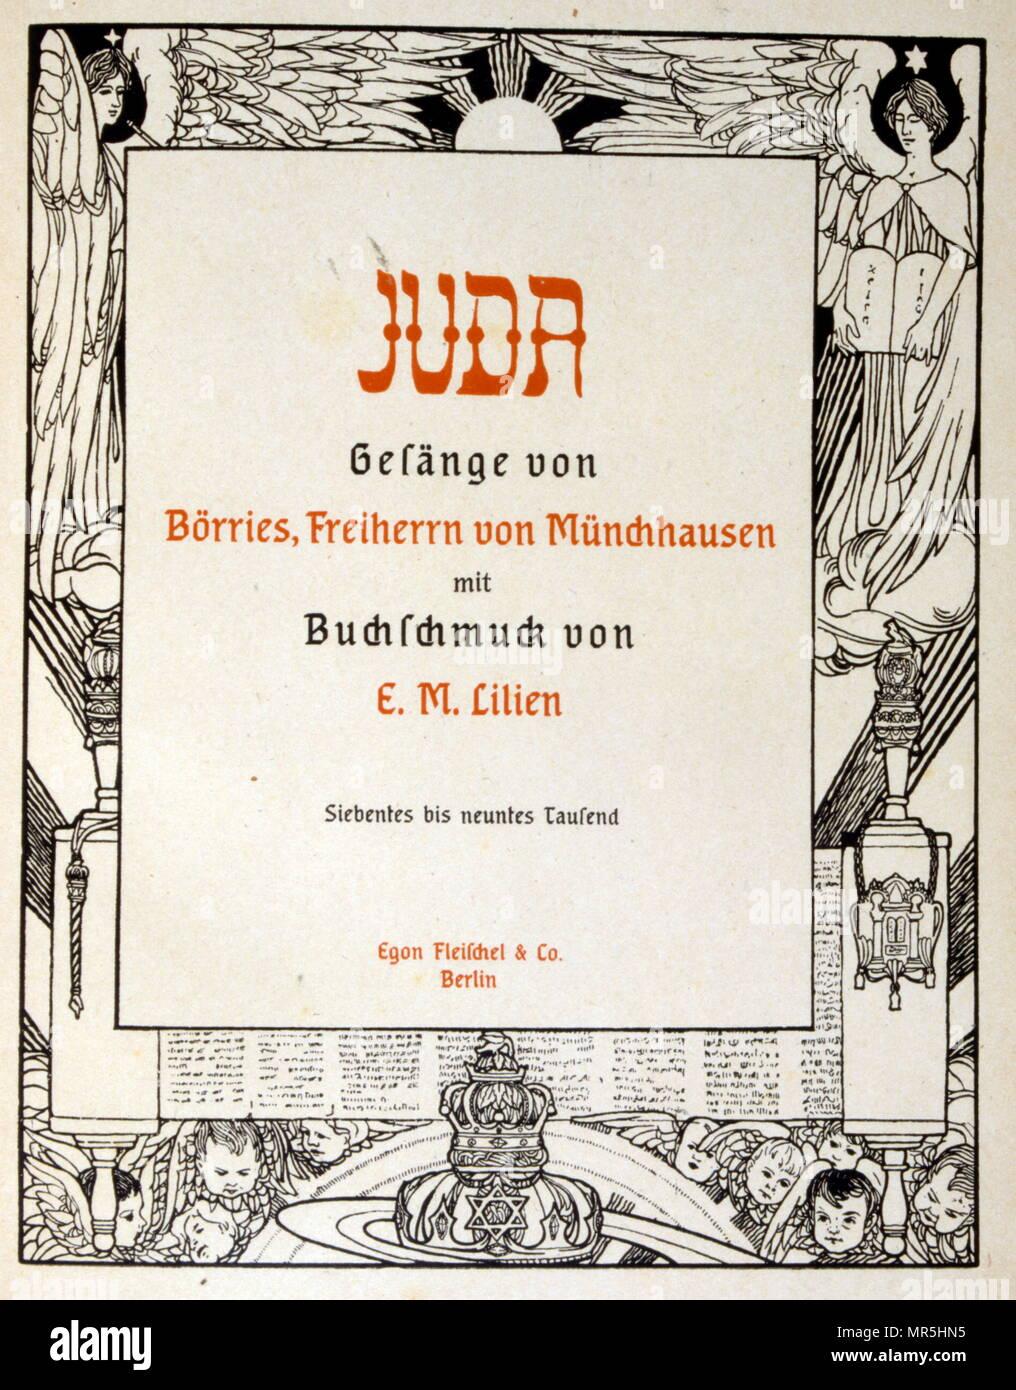 """Juda', une collection de ballades par la non-poète juif Börries von Münchhausen 1874 - 1945. Illustré par Ephraïm Moses Lilien (1874-1925), illustrateur et graveur d'art nouveau, reconnu pour son art sur les thèmes juifs. Il est parfois appelé le """"premier artiste sioniste. La relation de Münchhausen au judaïsme demeure ambivalent: Lauterbourg n'a pas tenu compte de la 'race juive' inférieur, mais simplement à empêcher un """"mélange"""" avec les non-Juifs allemands. Banque D'Images"""